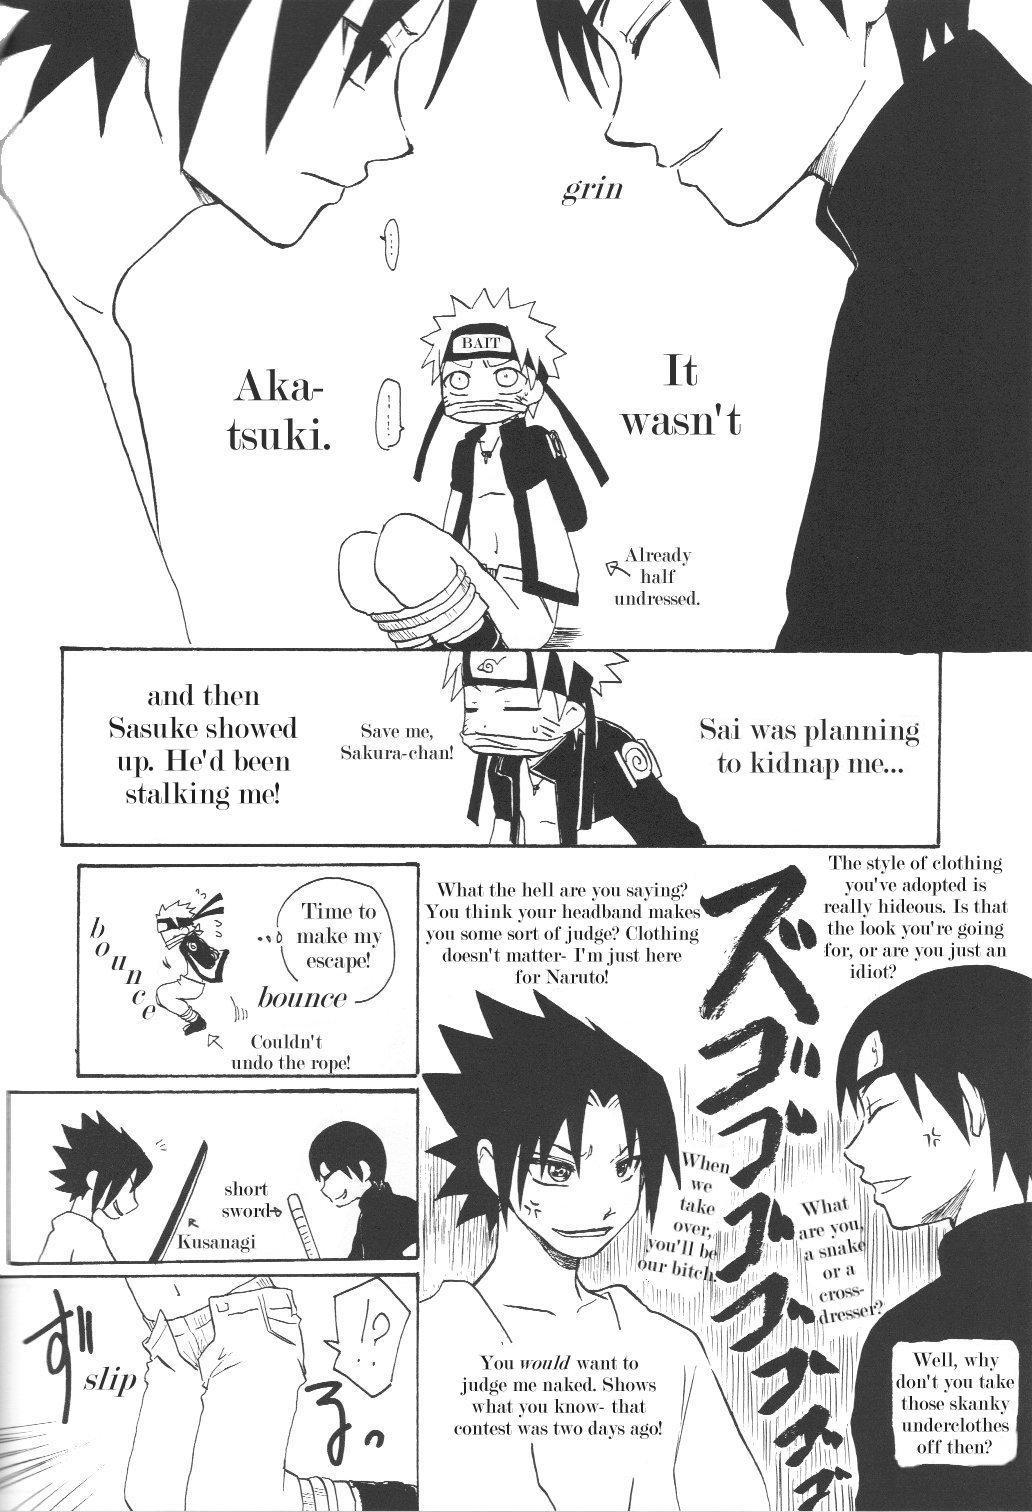 Naruto Style 4